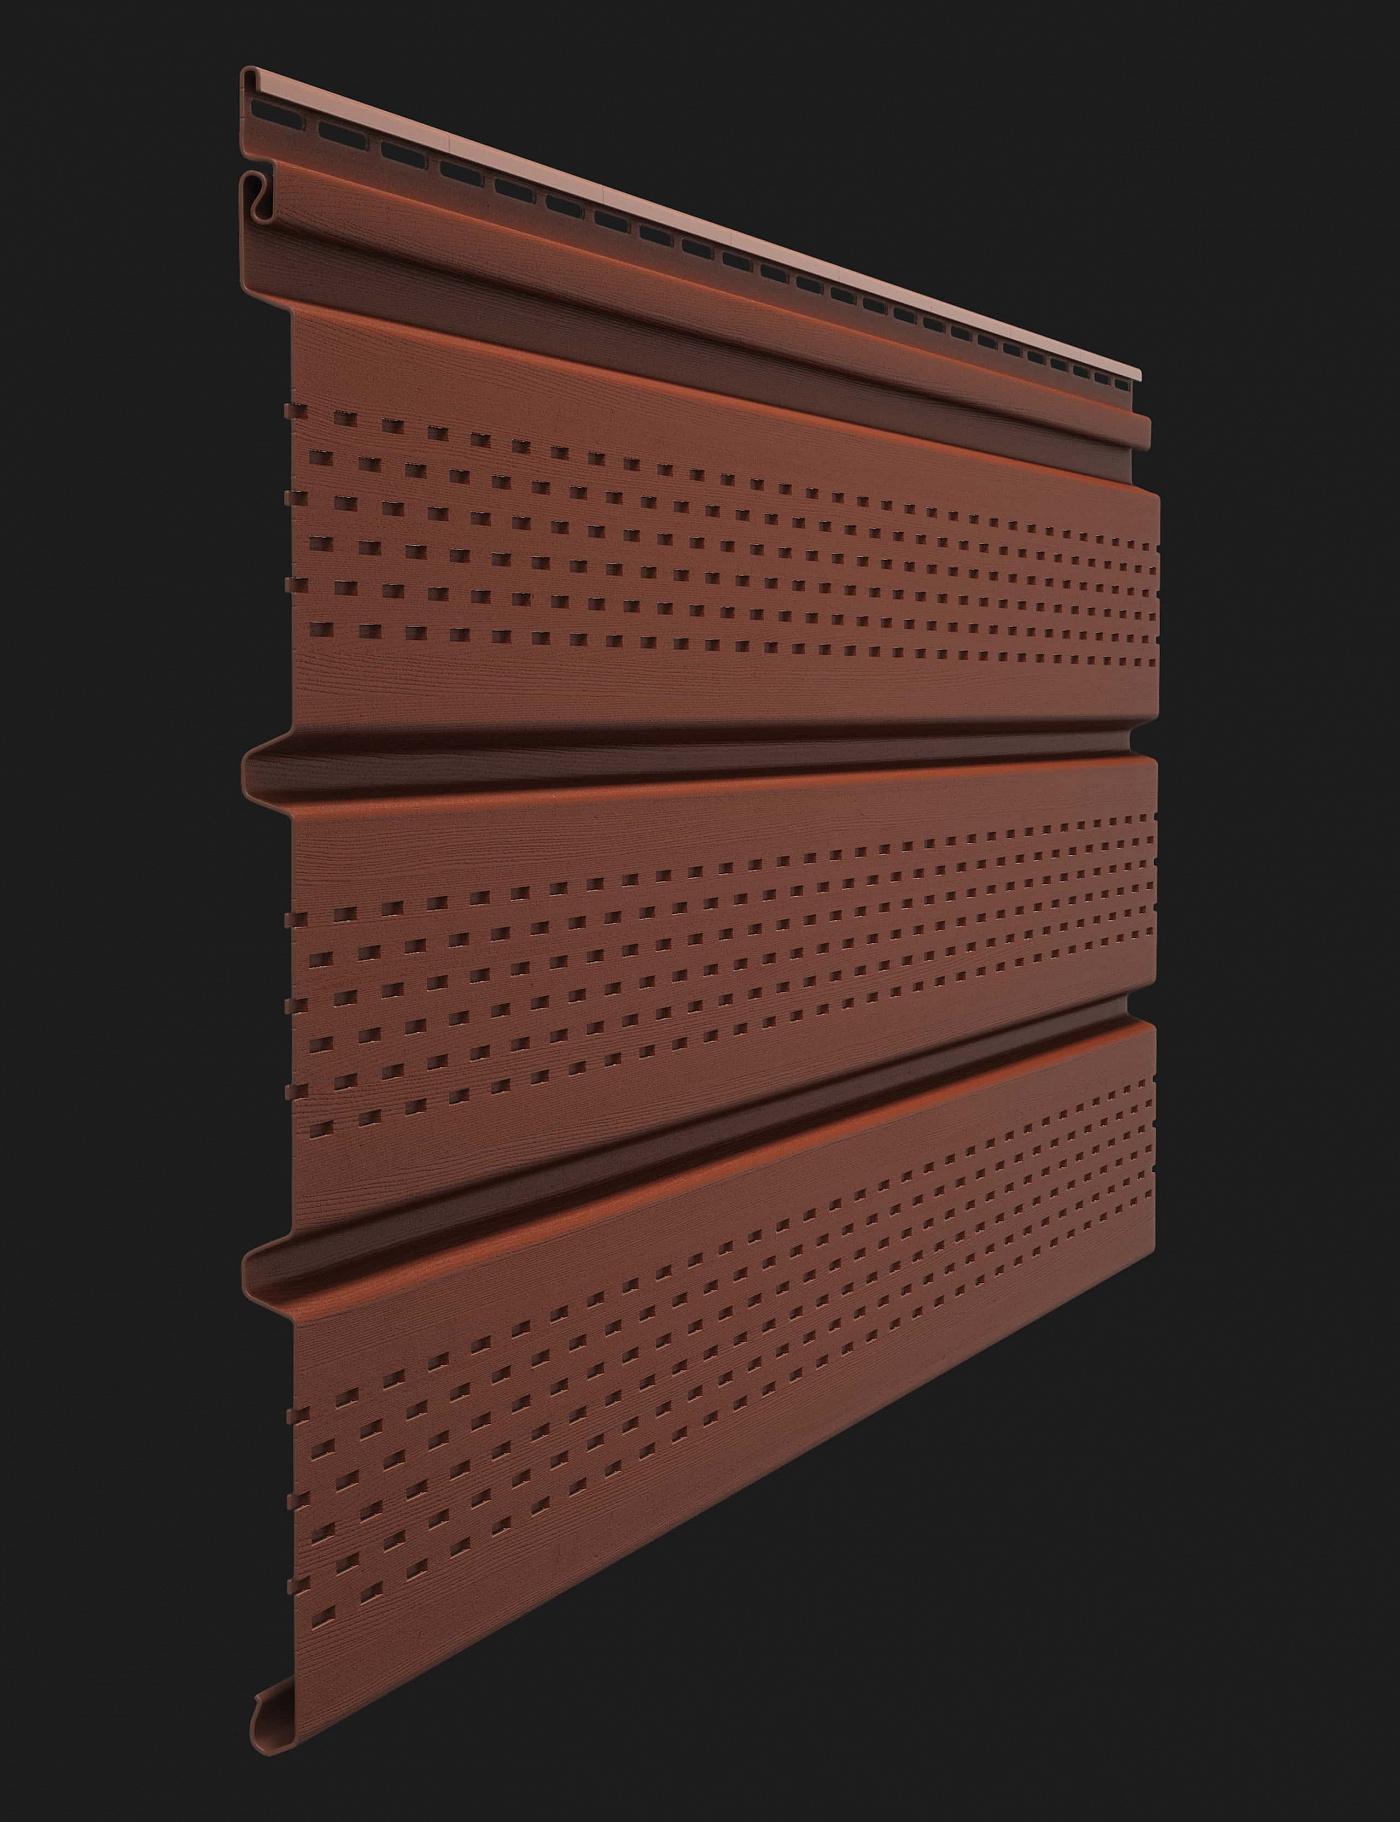 Софит виниловый Docke Premium T4 с полной перфорацией 3000 мм Гранат